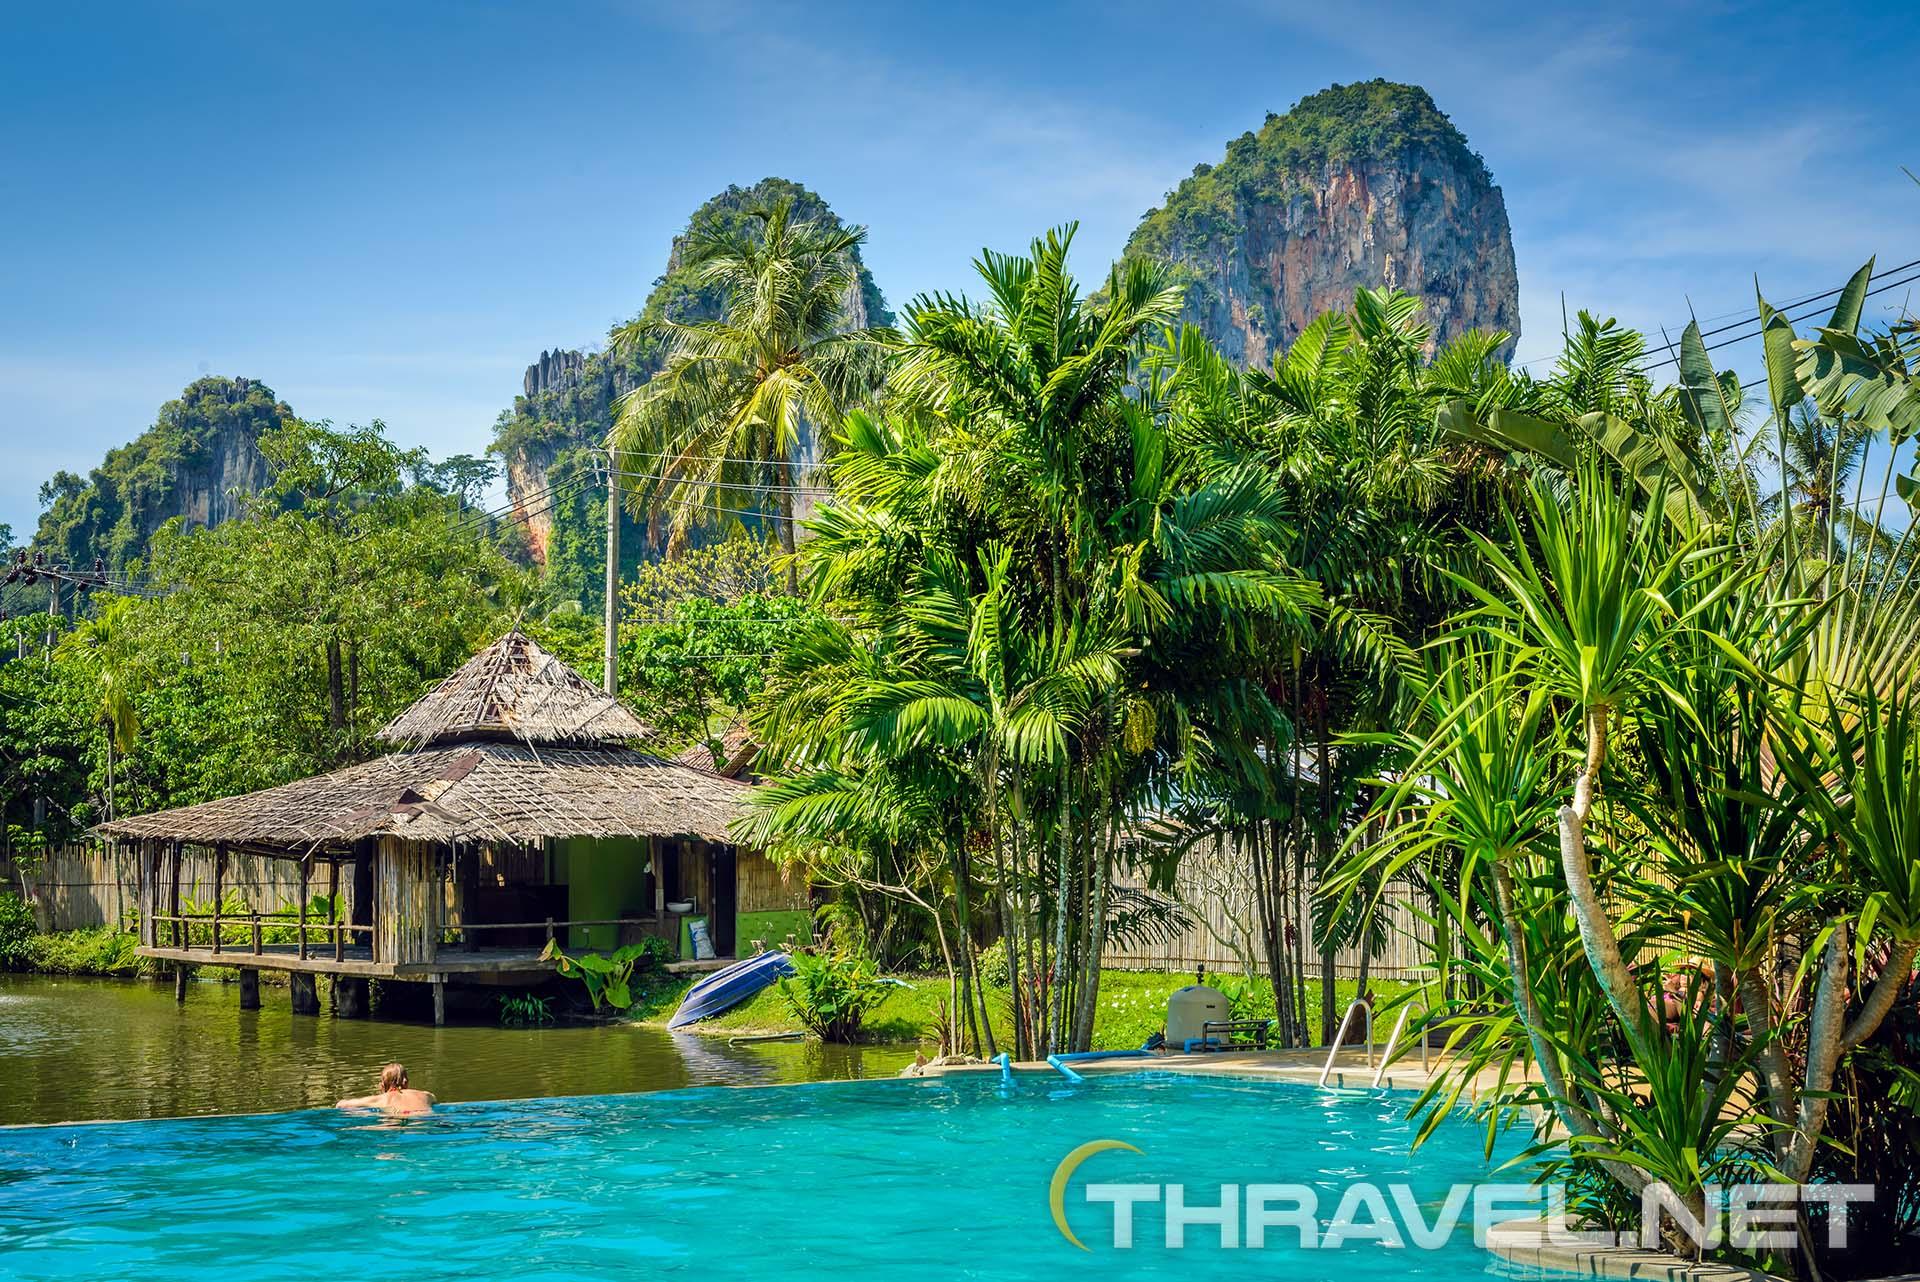 Railey-Princess-resort-swimming-pool